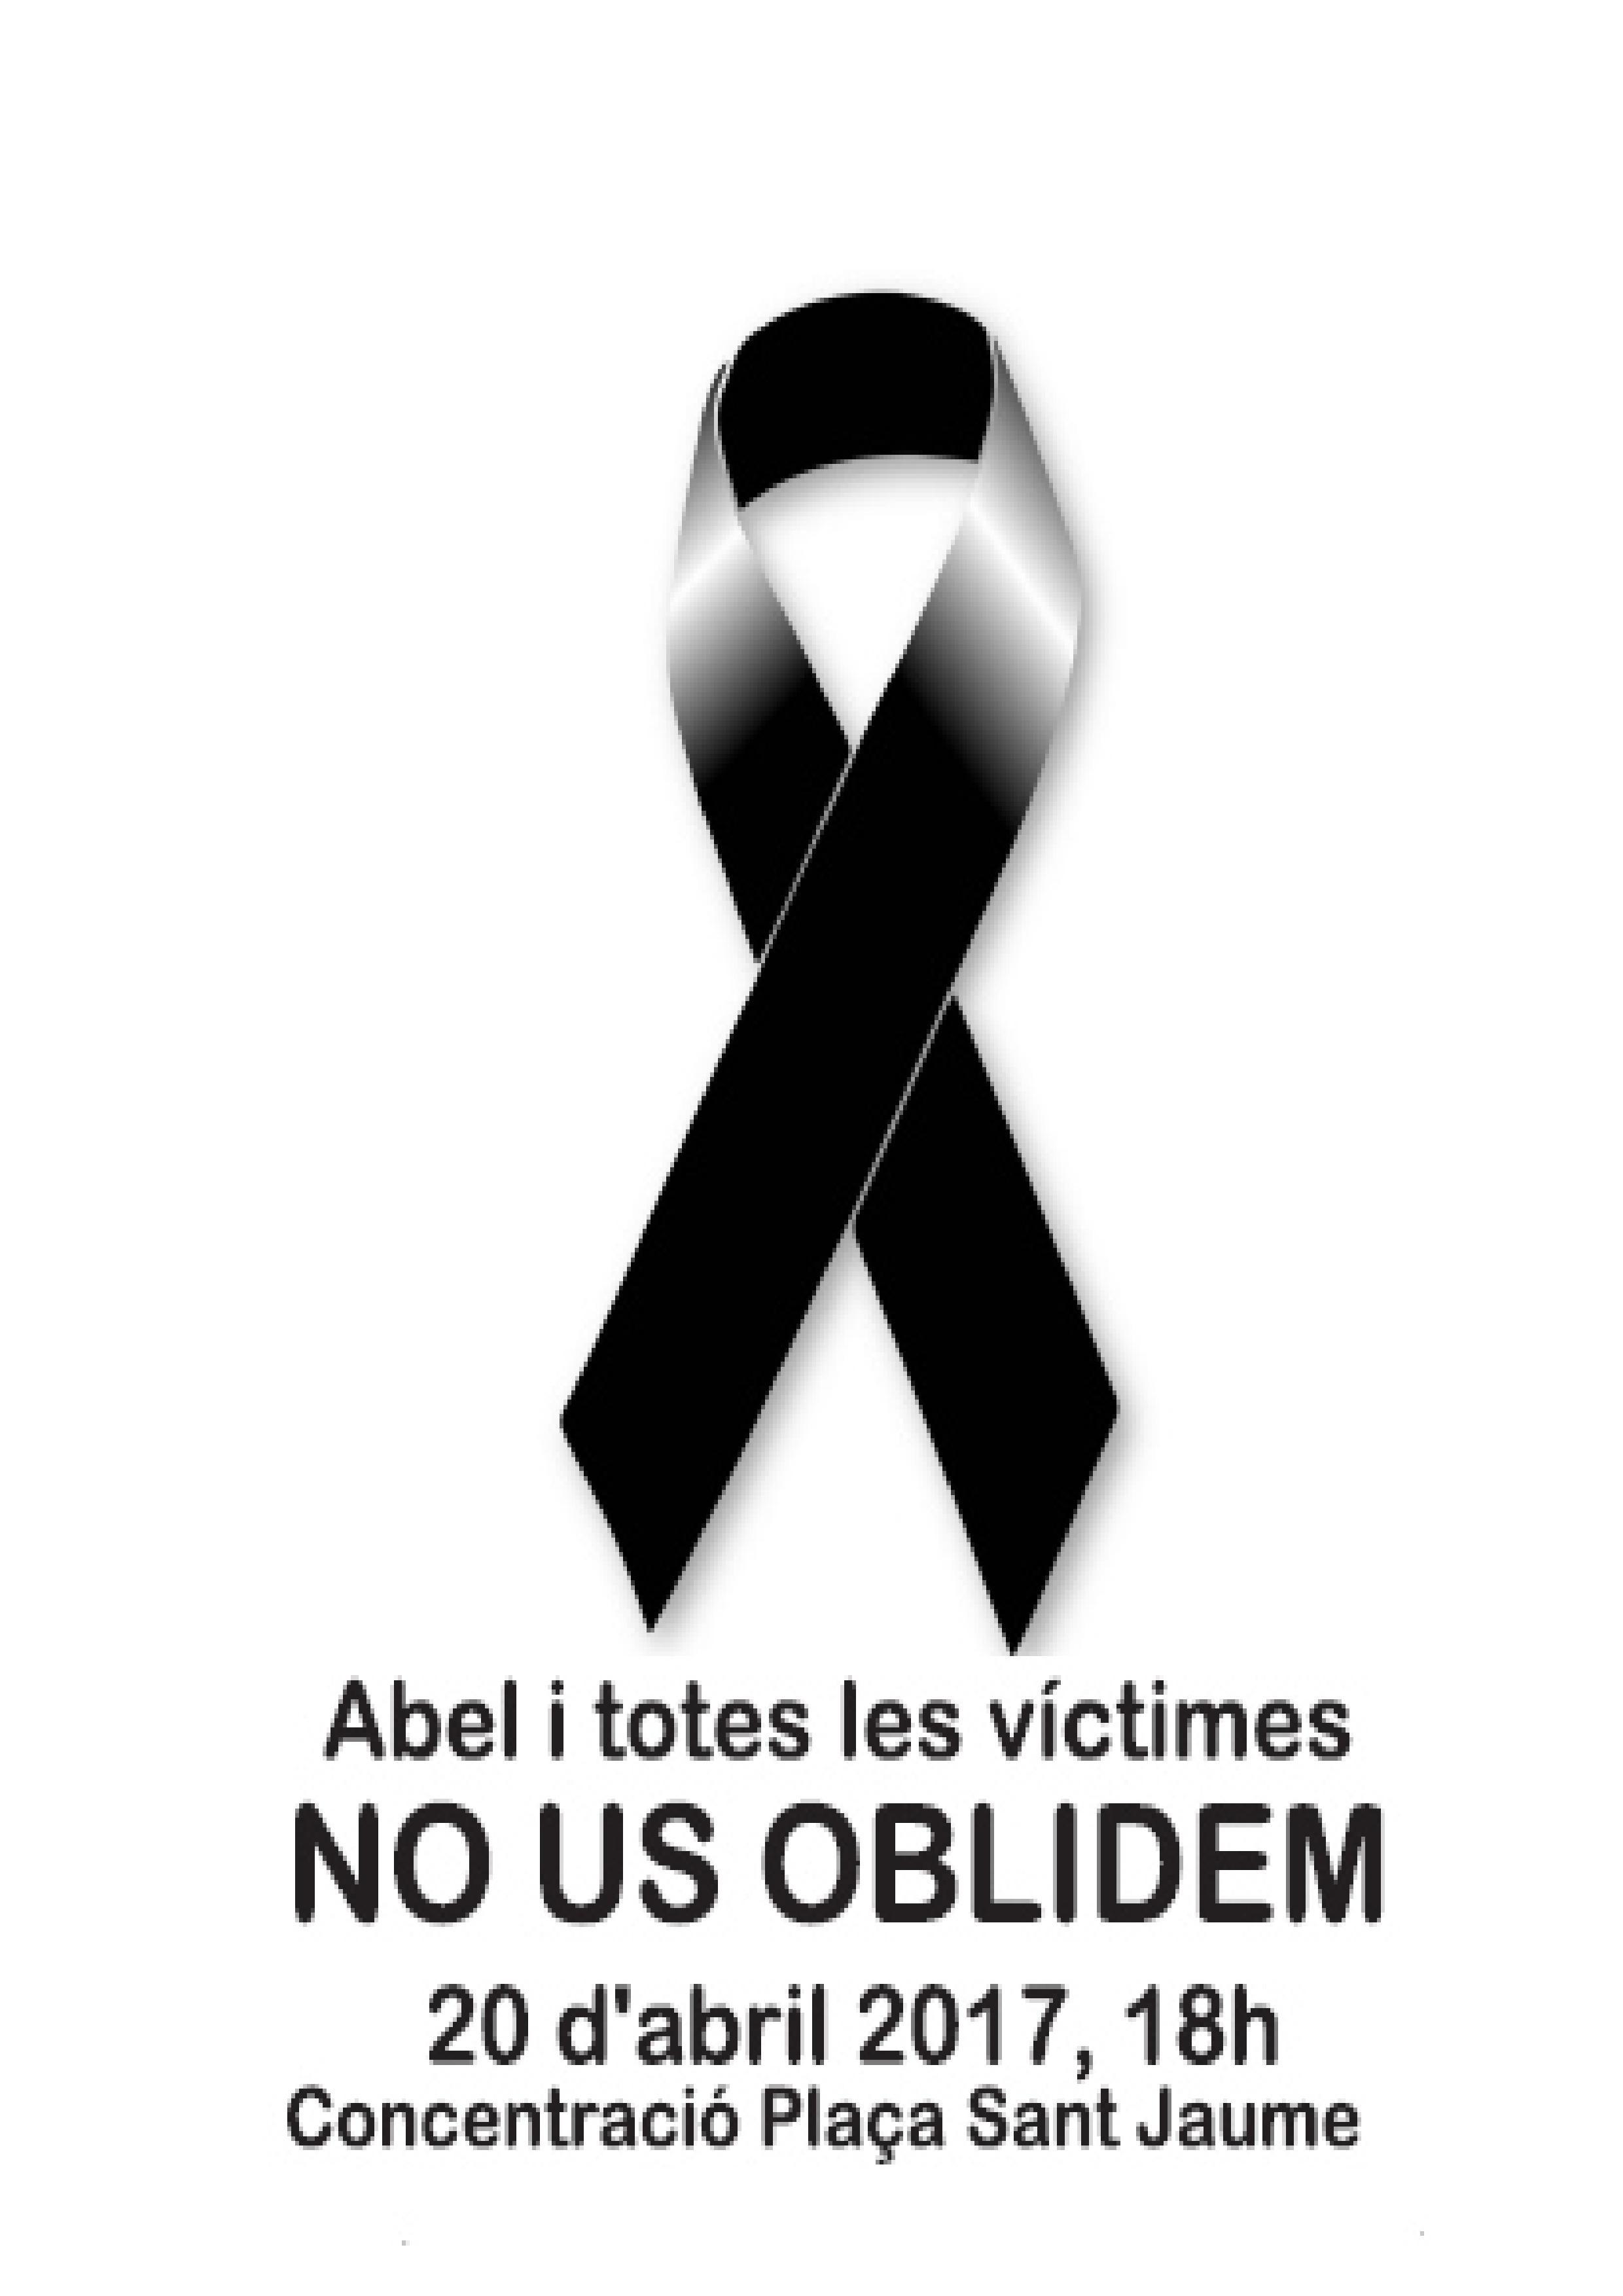 Abel i totes les victimes NO US OBLIDEM. 20 d'Abril 2017, 18h. Concentració Plaça Sant Jaume